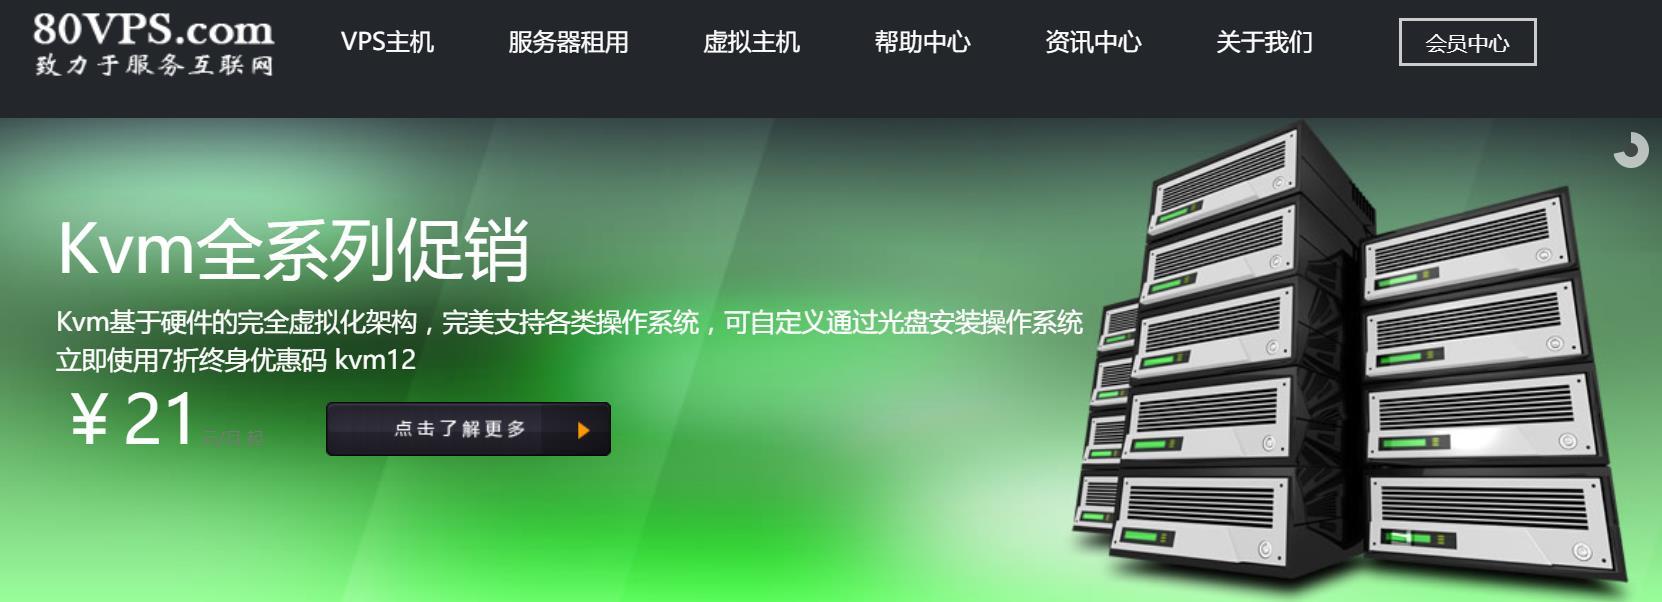 80vps-logo.jpg